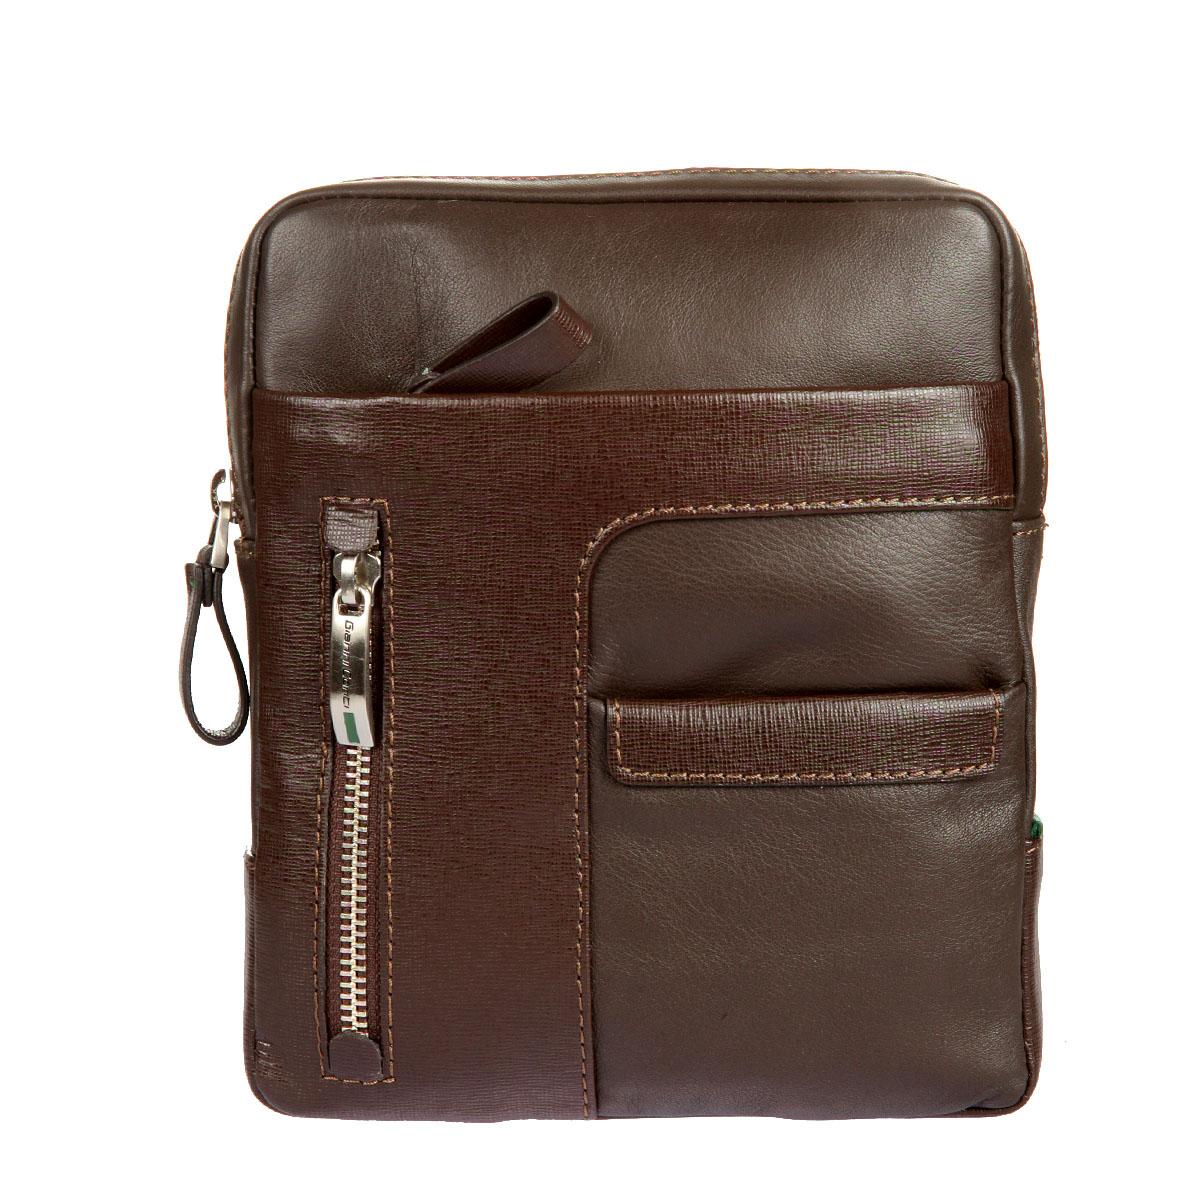 Сумка-планшет мужская Gianni Conti, цвет: темно-коричневый. 17623751762375 dark brownСтильная мужская сумка-планшет Gianni Conti выполнена из высококачественной натуральной кожи. Планшет имеет одно основное отделение, которое закрывается на застежку-молнию. Внутри имеется открытый накладной карман и прорезной карман на застежке-молнии. На внешней передней стороне - два кармана на застежках-молниях и один не большой открытый карманчик. На задней стенке также имеется дополнительный пришивной открытый карман. Сумка оснащена регулируемым плечевым ремнем. Планшет упакован в фирменный чехол. Функциональность, вместительность, качество исполнения и непревзойденный стиль сумки- планшета Gianni Conti, несомненно, понравится любому мужчине.